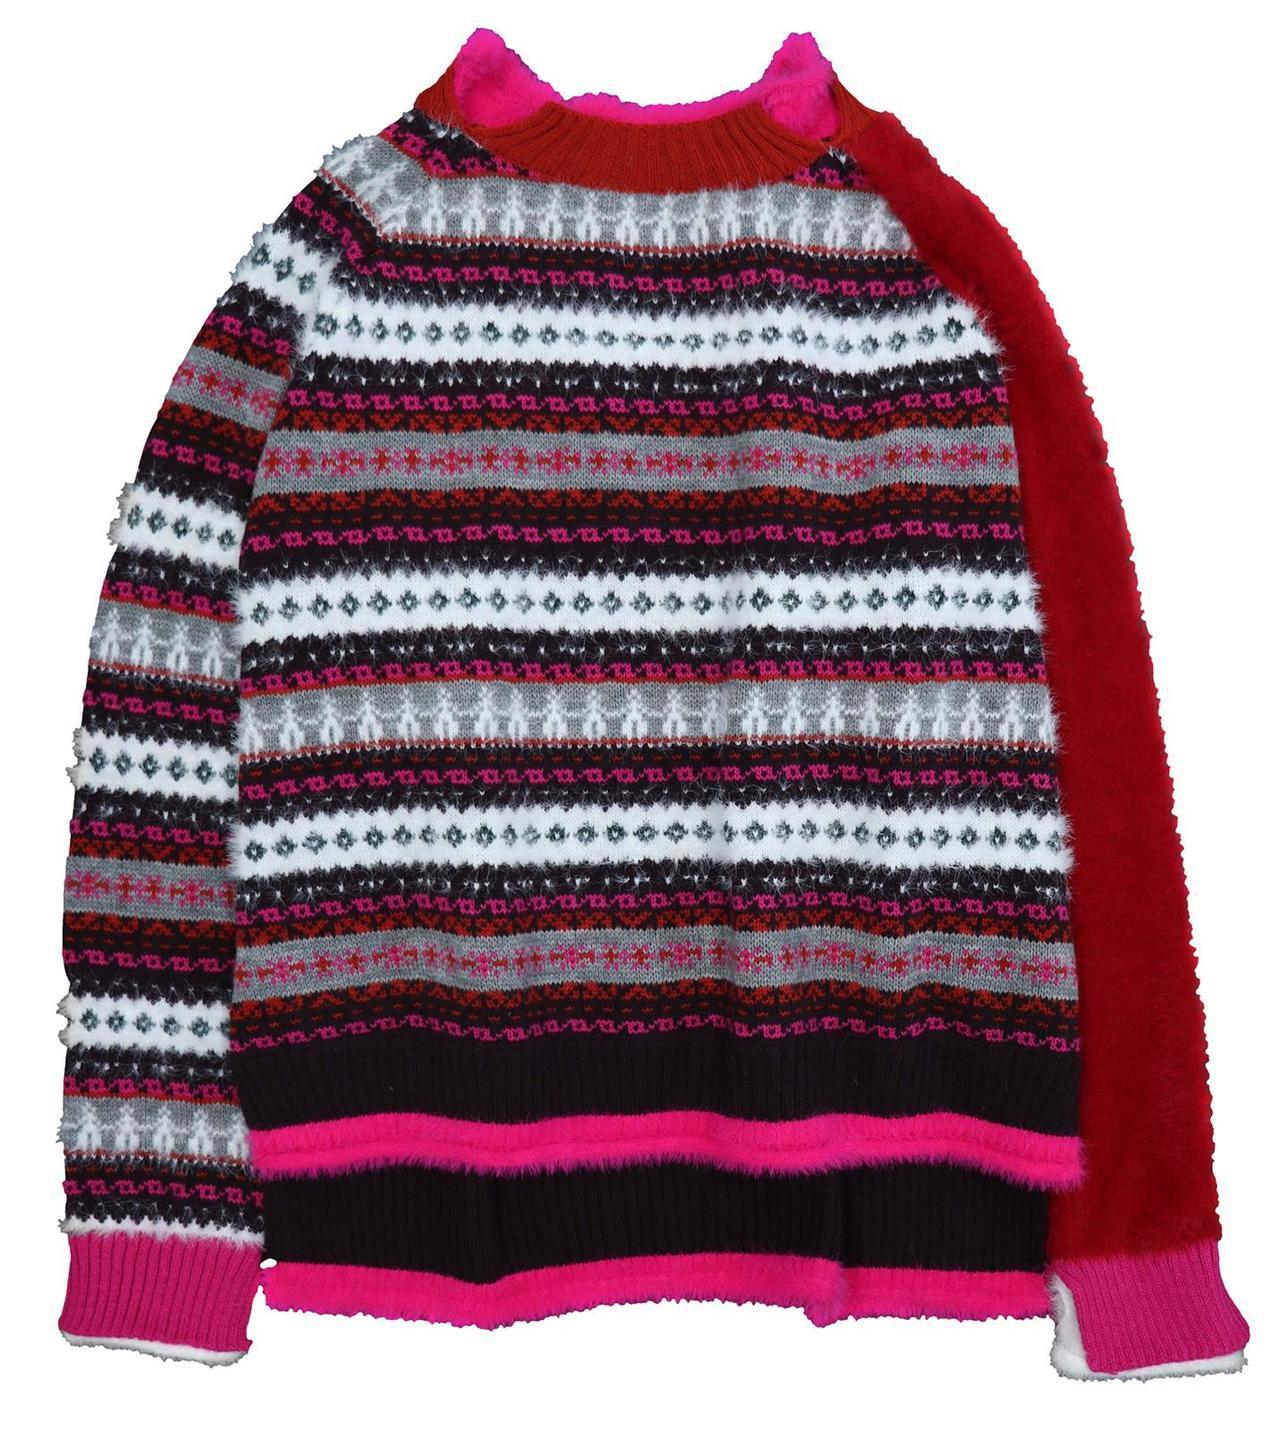 AS KNOW AS經典造型毛衣(紅),5,590元。圖/滿心提供